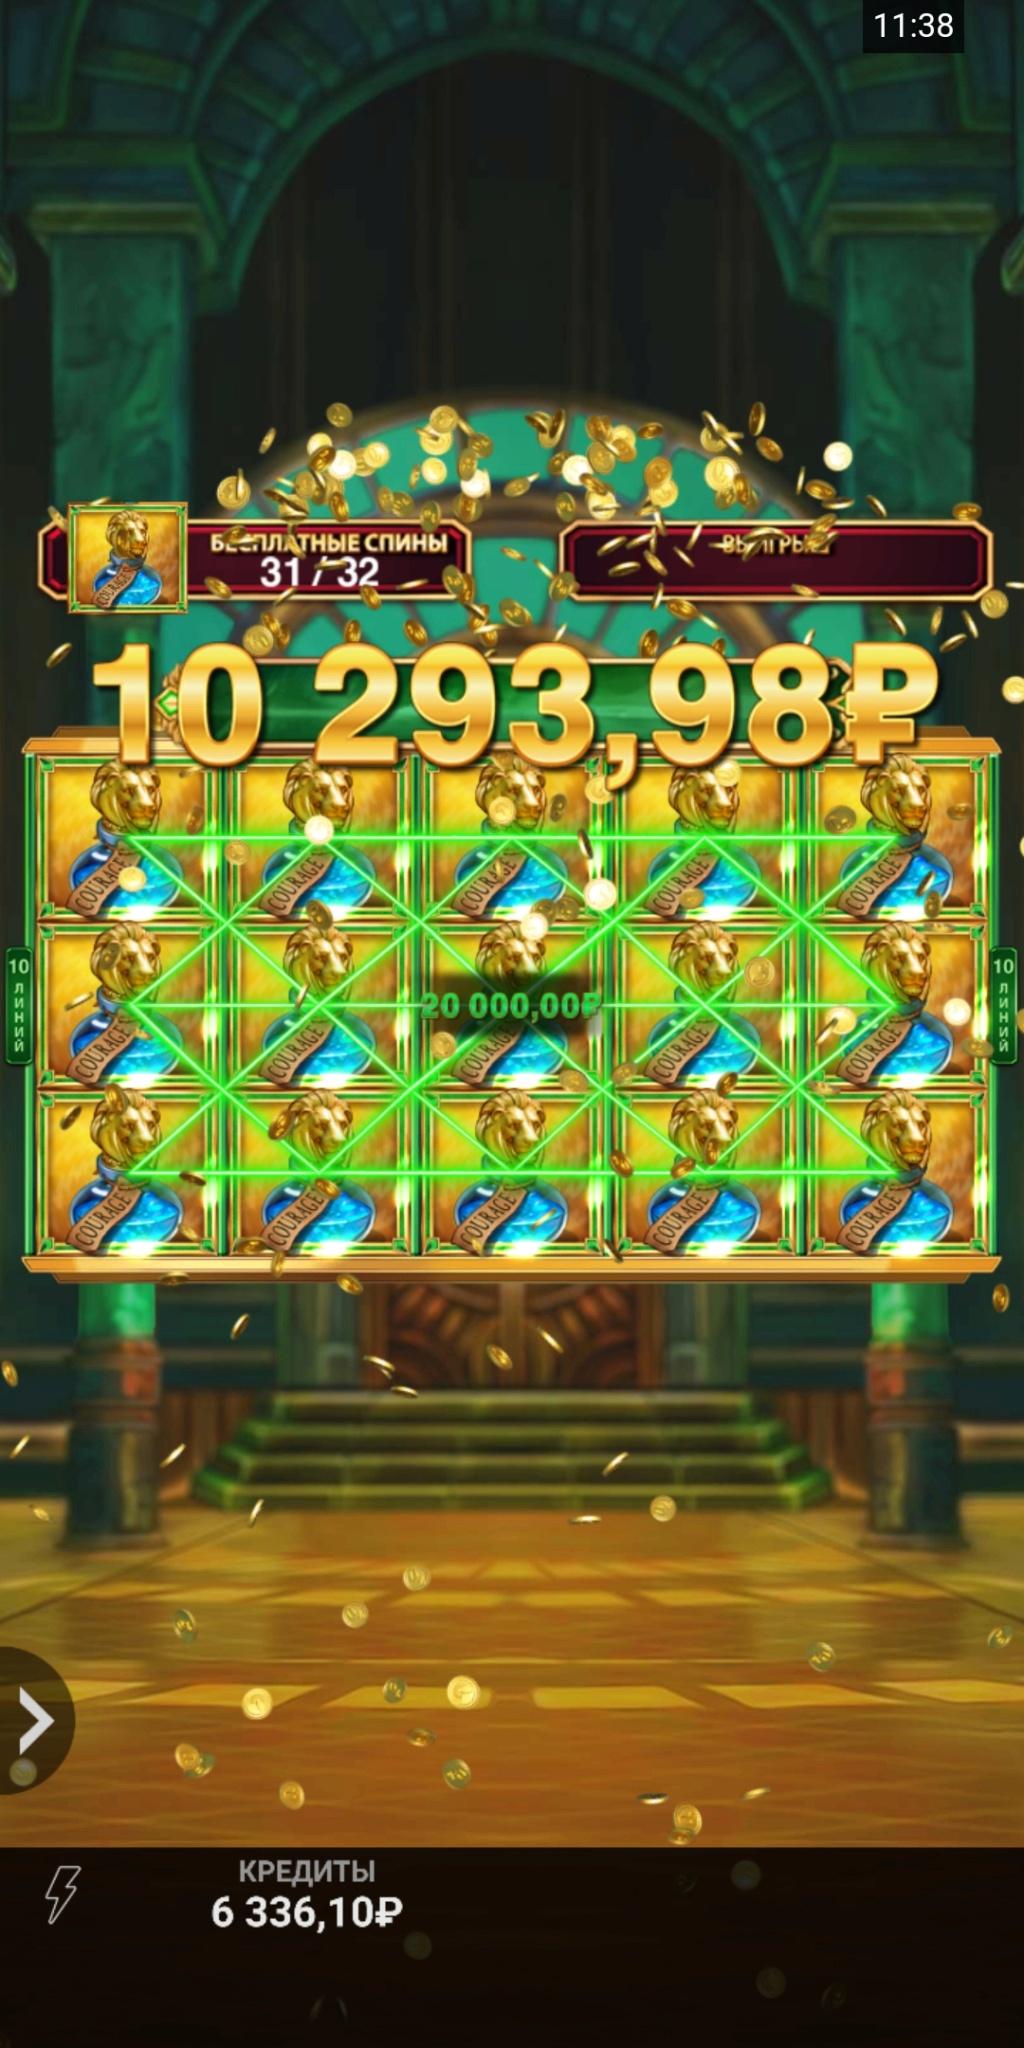 Screenshoty naszych wygranych (minimum 200zł - 50 euro) - kasyno - Page 10 Screen10